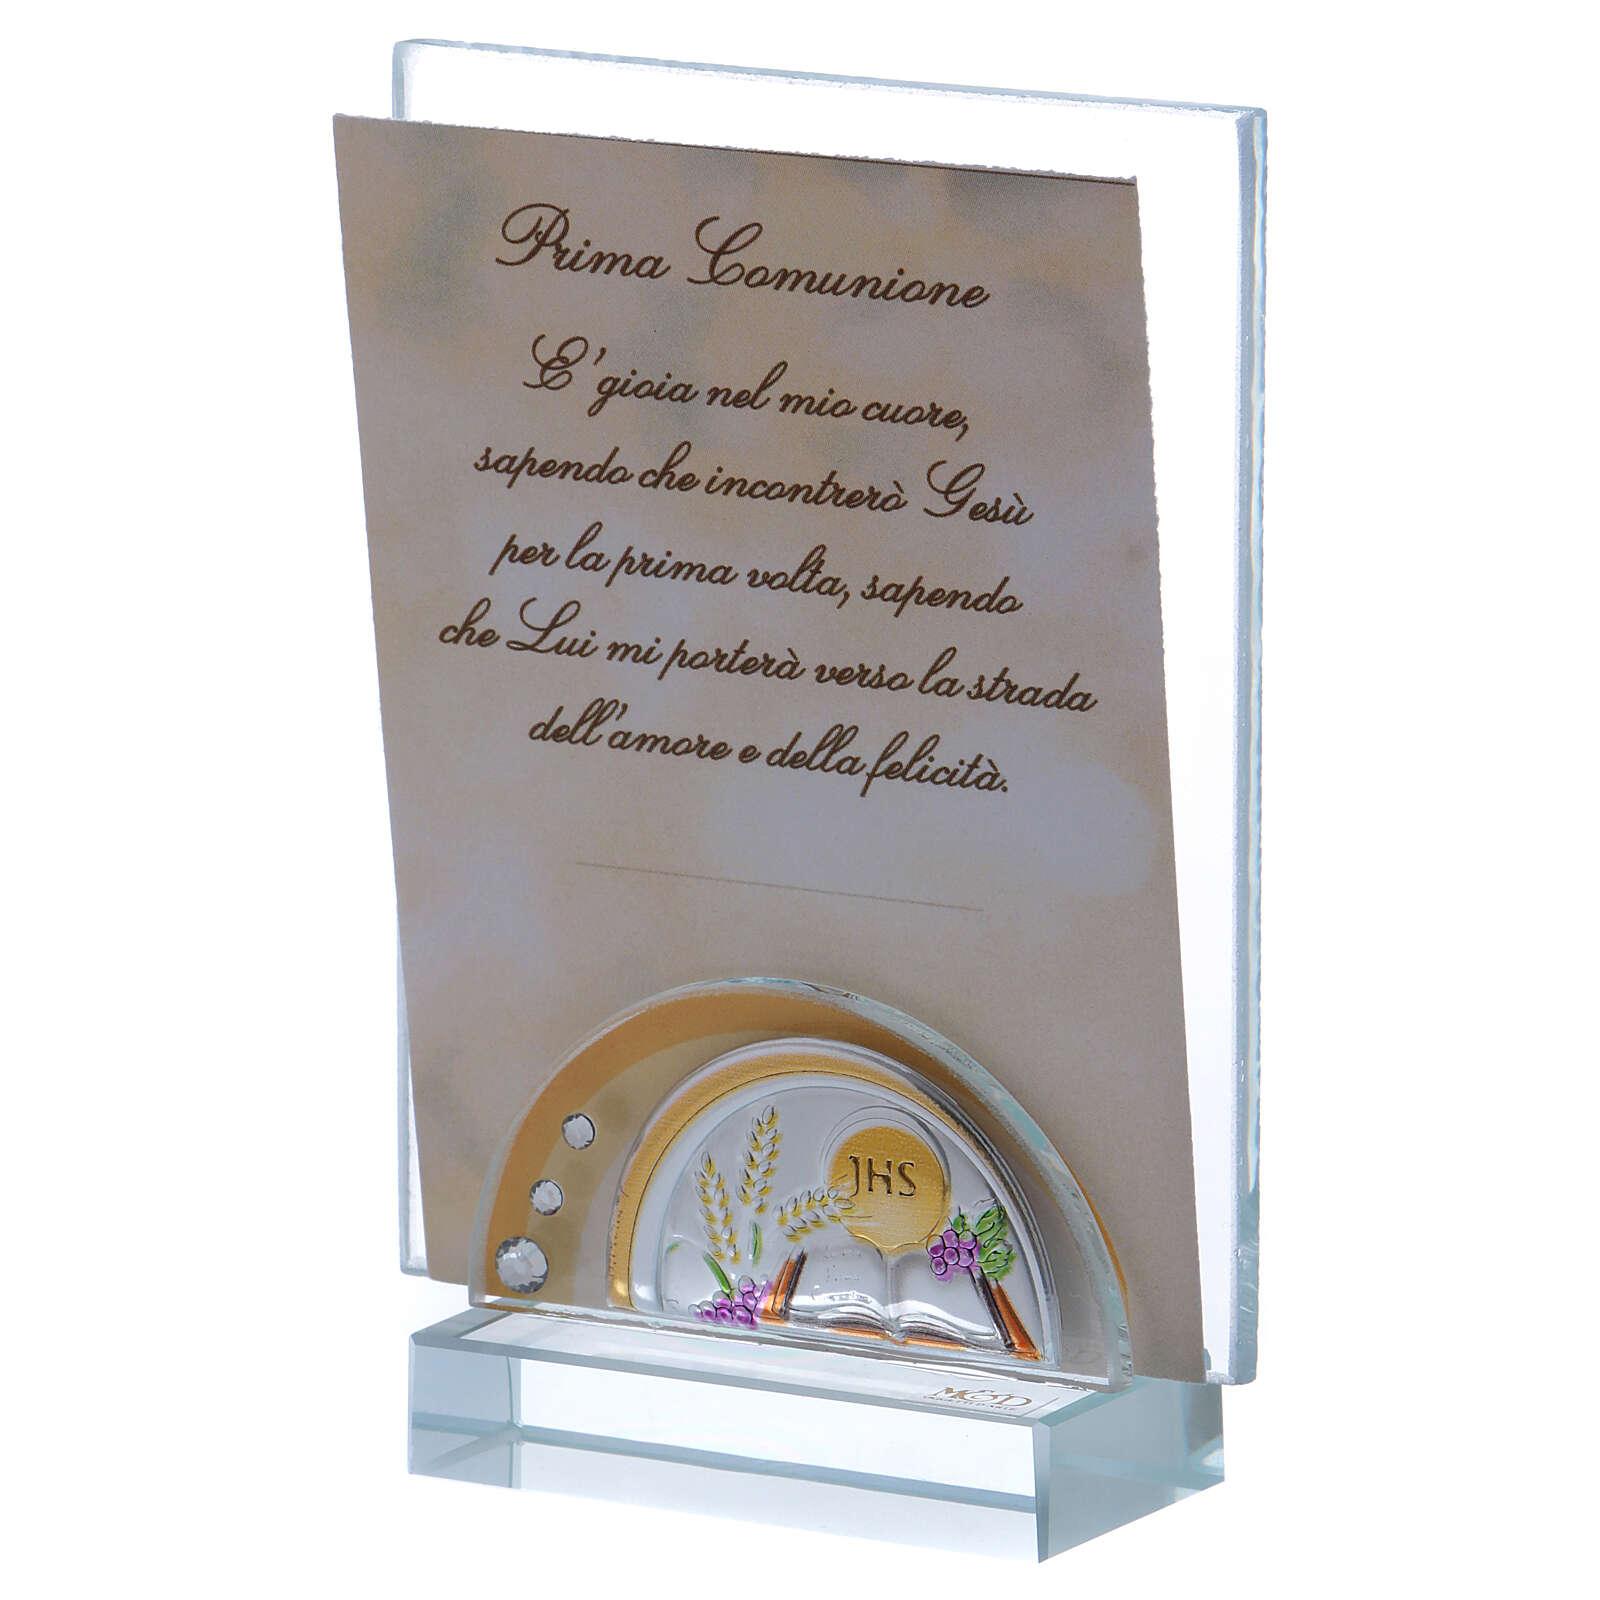 Andenken Kommunion Fotorahmen aus Glas und Kristall, 10x5 cm 3